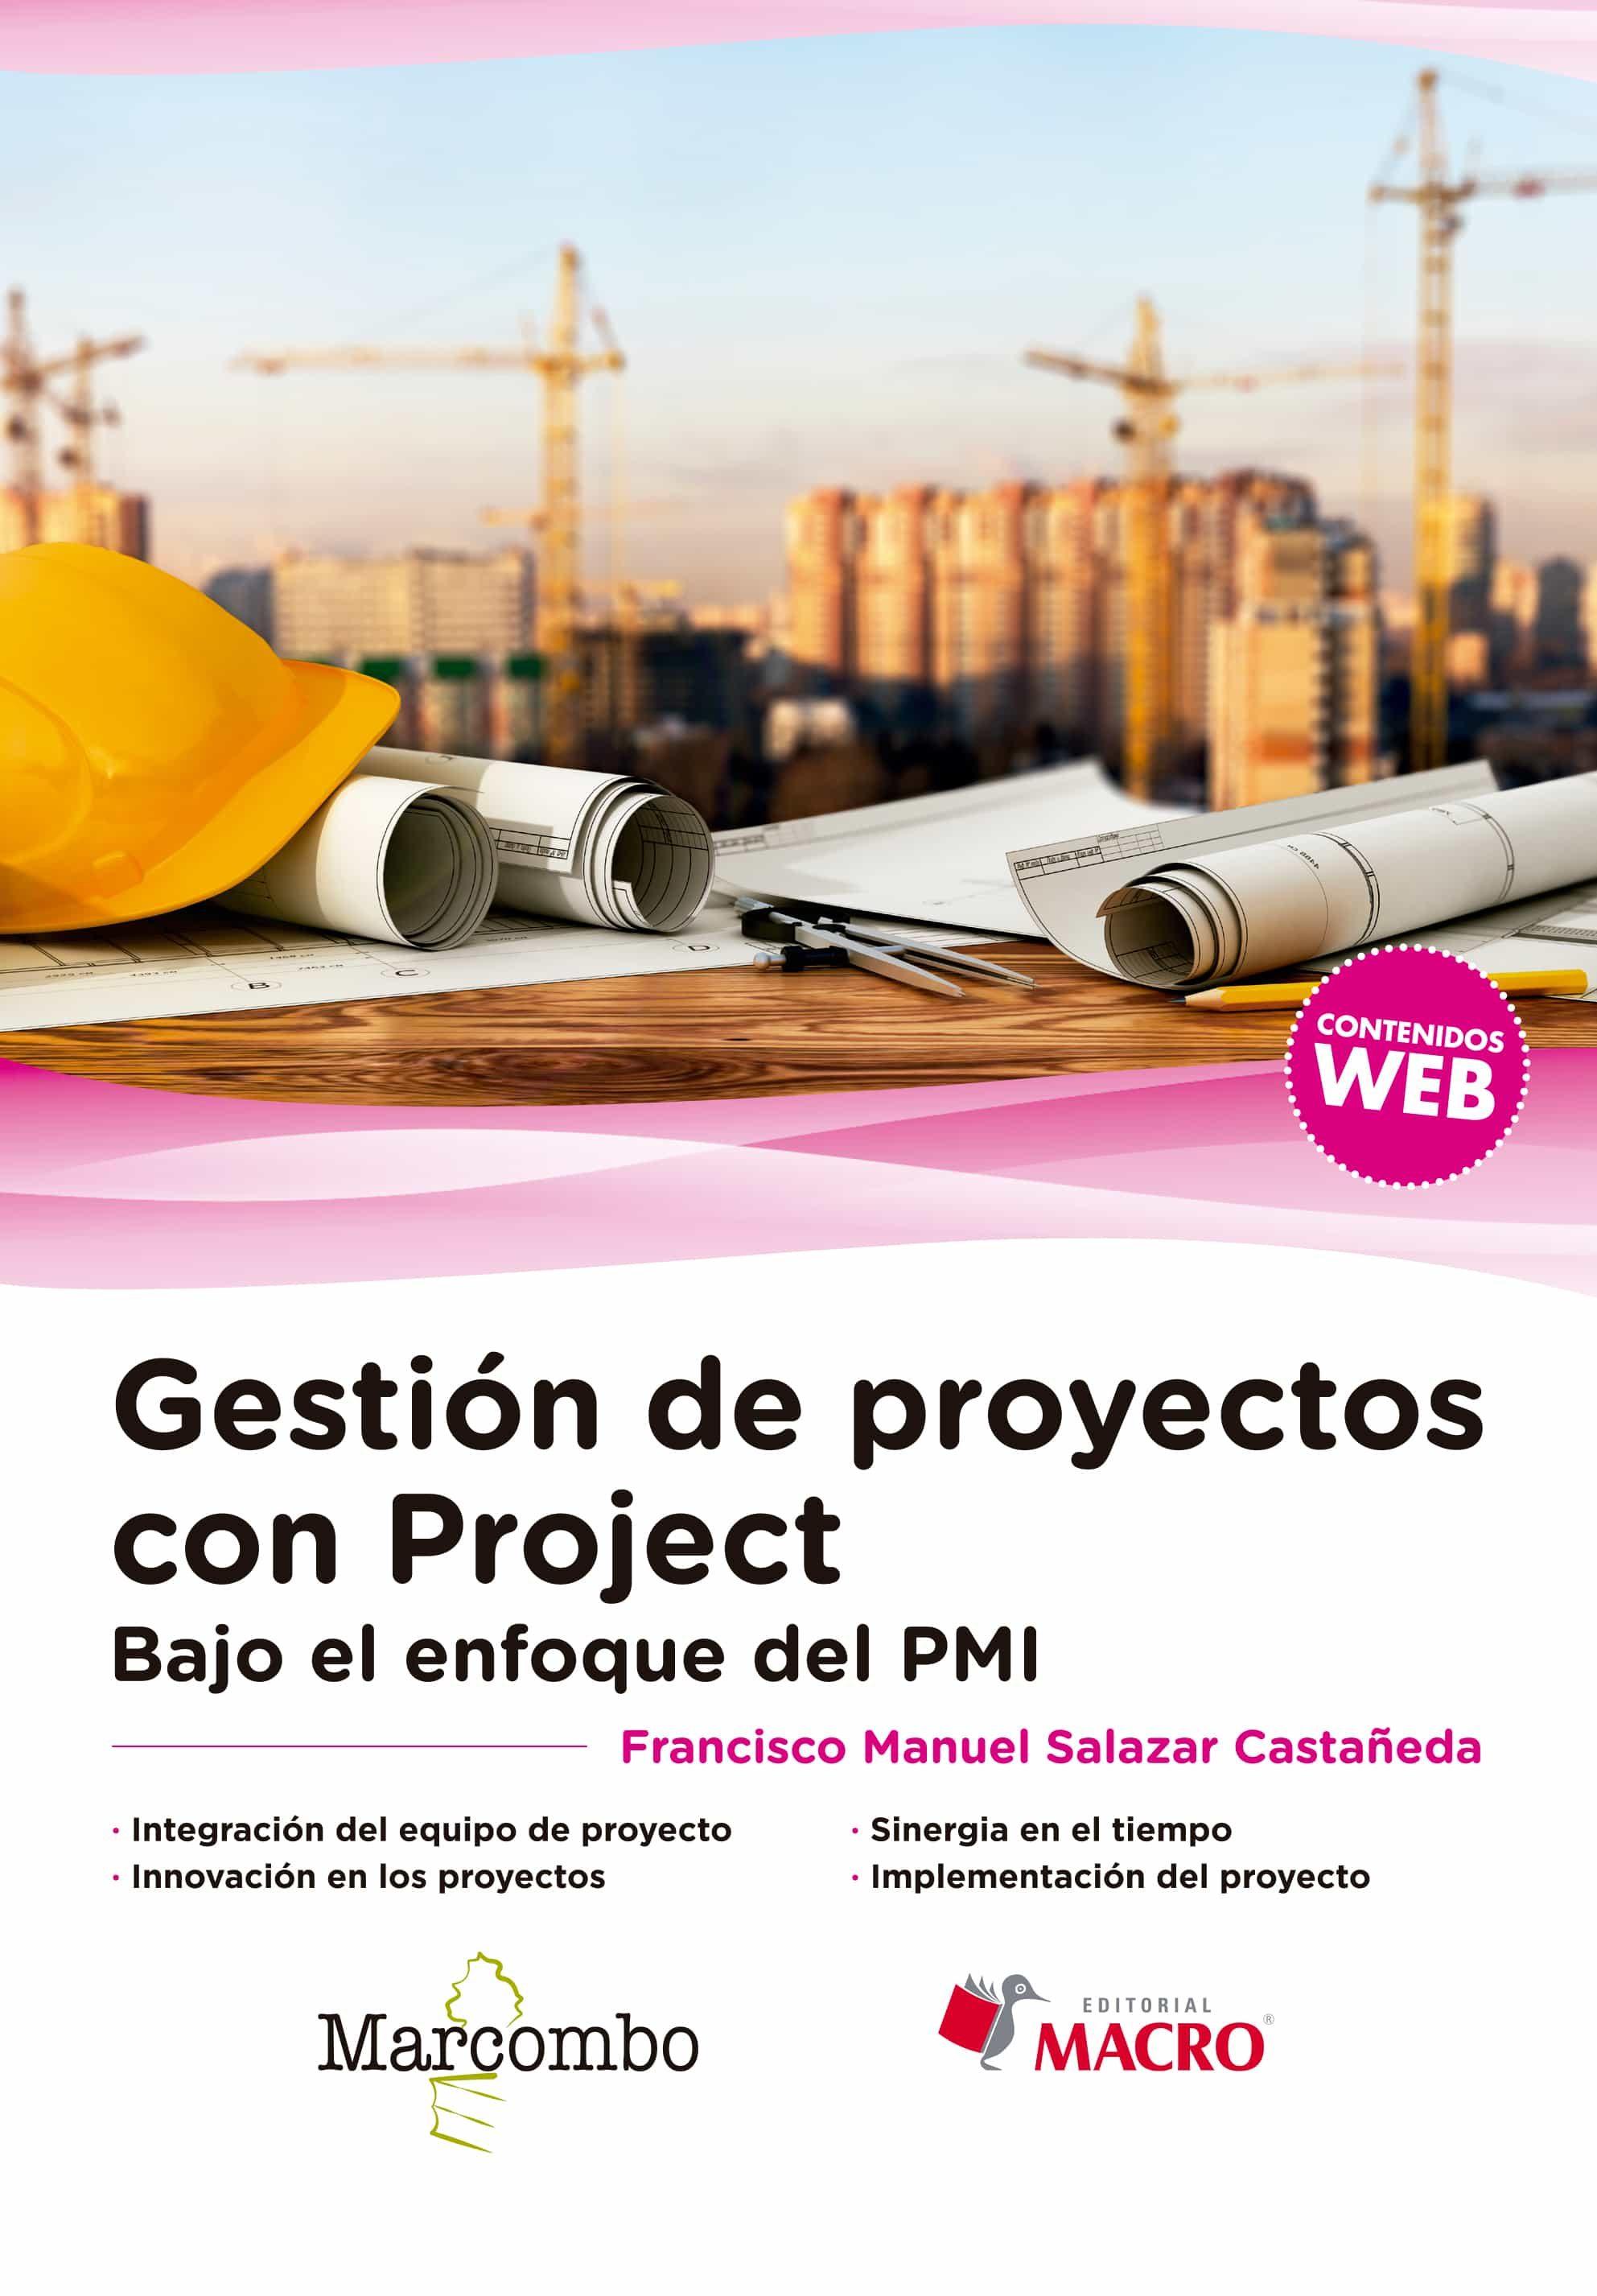 Gestion De Proyectos Con Project: Bajo El Enfoque Del Pmi por Desconocido